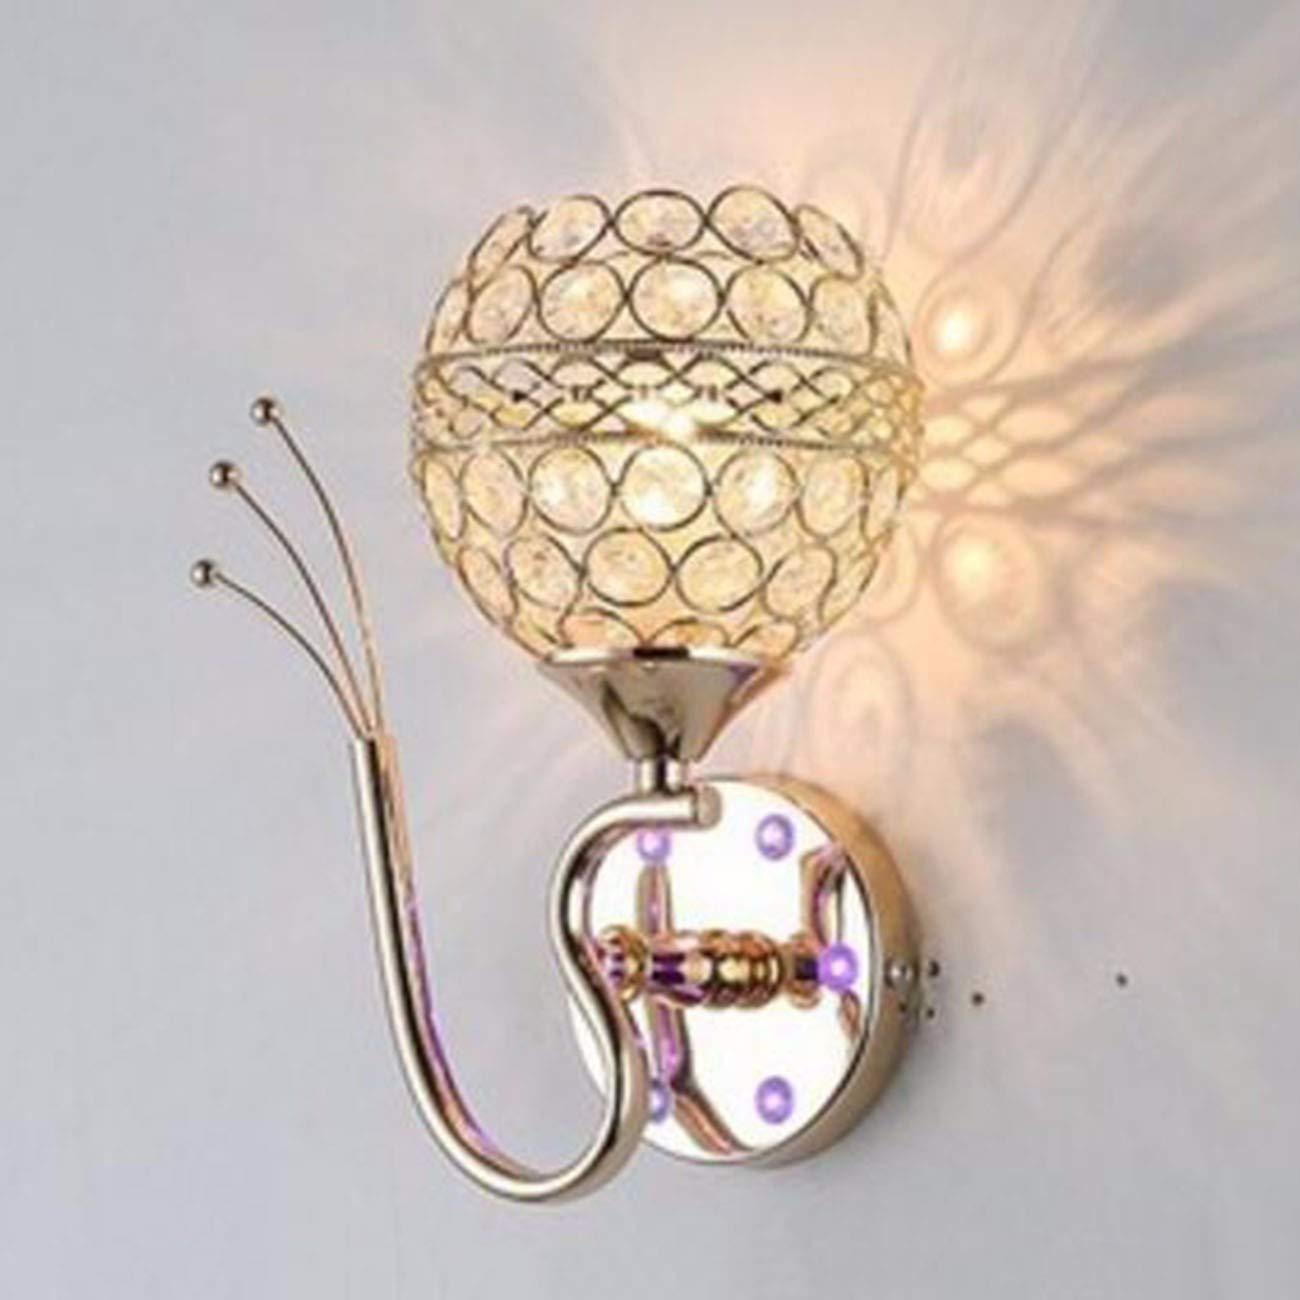 Wandleuchte Wall Lamp, Bett - Lampe - Korridor Treppe Wall Lamp,E